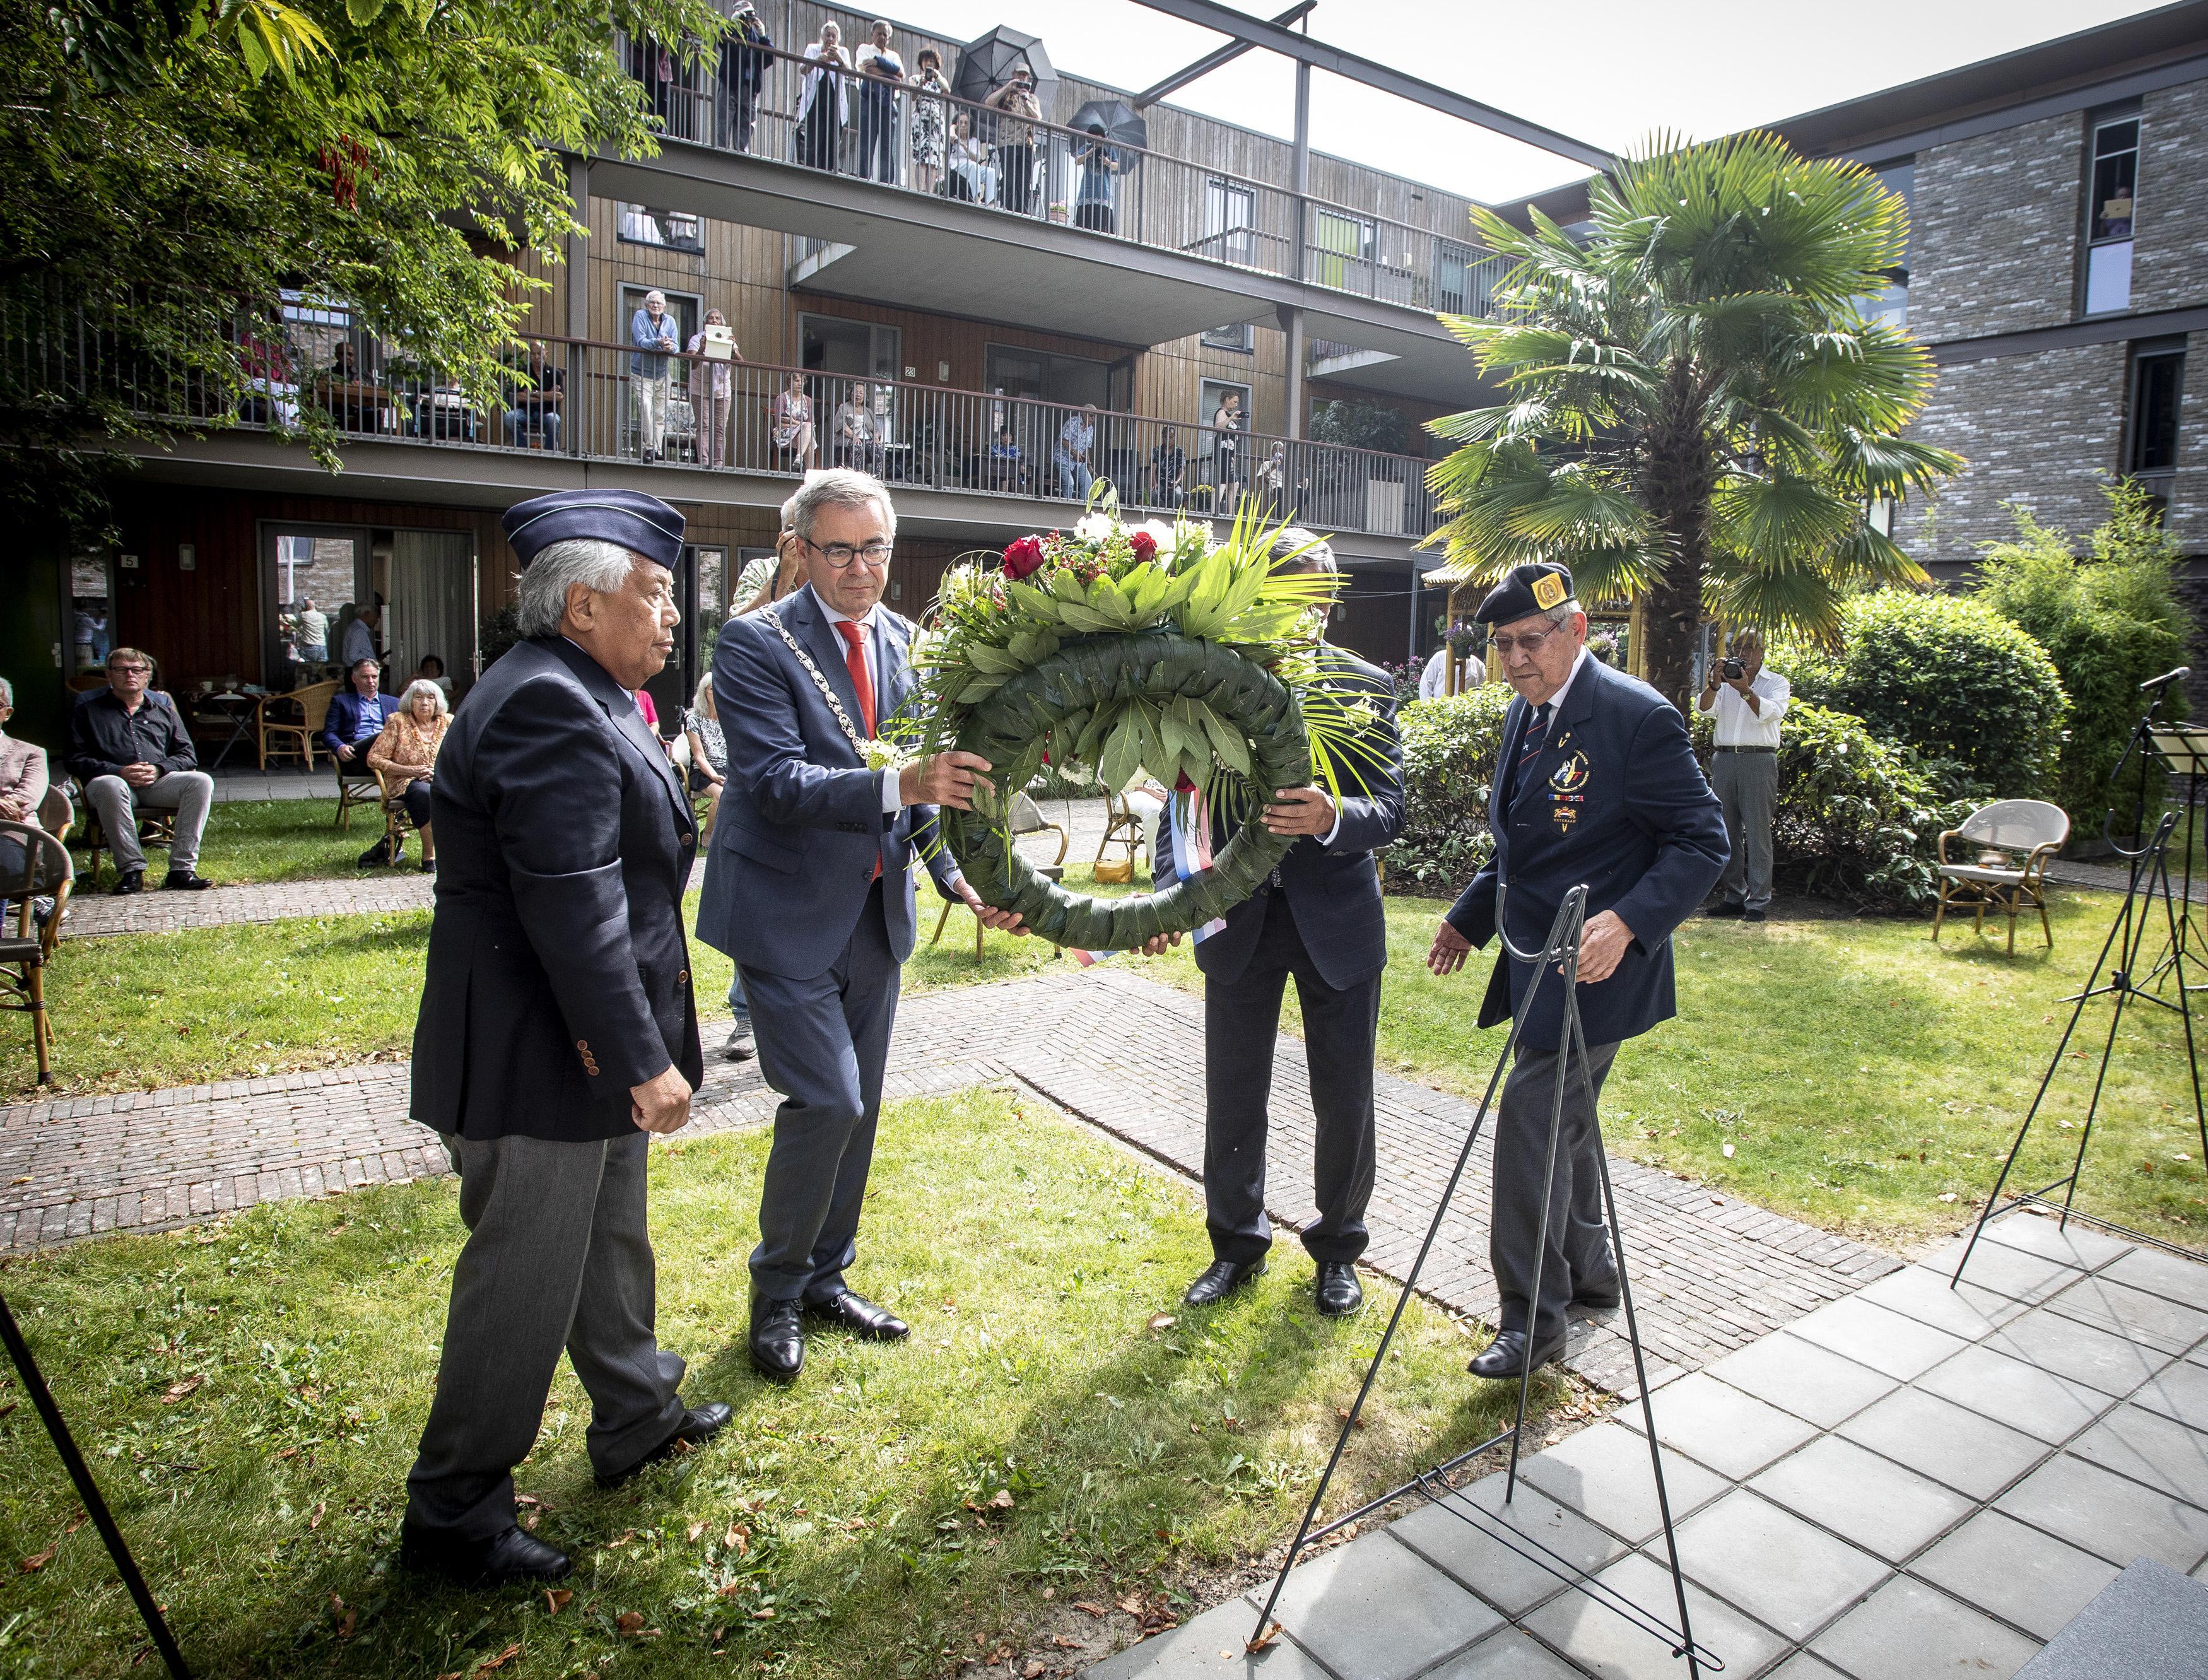 Herdenking Japanse overgave in wooncentrum Lieflijk Indië: 'Capitulatie betekende nog geen vrede'